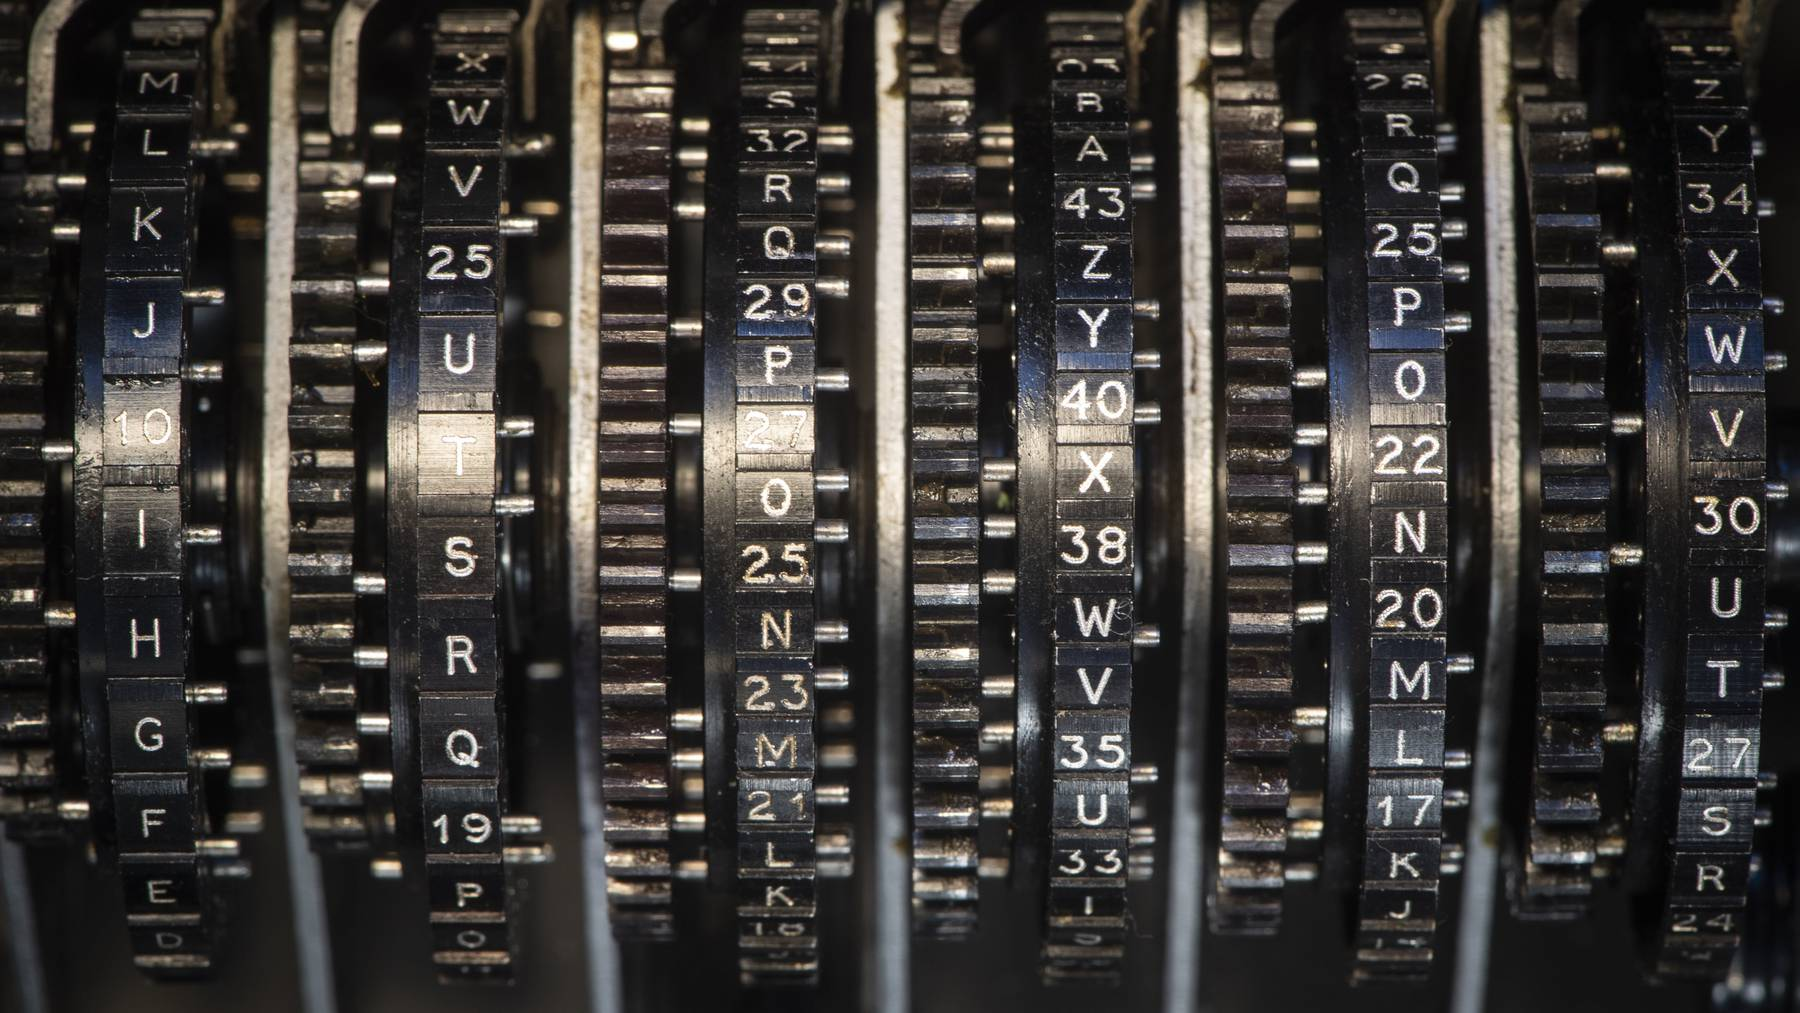 Im Fokus der Crypto-Affäre standen manipulierte Chiffriergeräte. (Symbolbild)